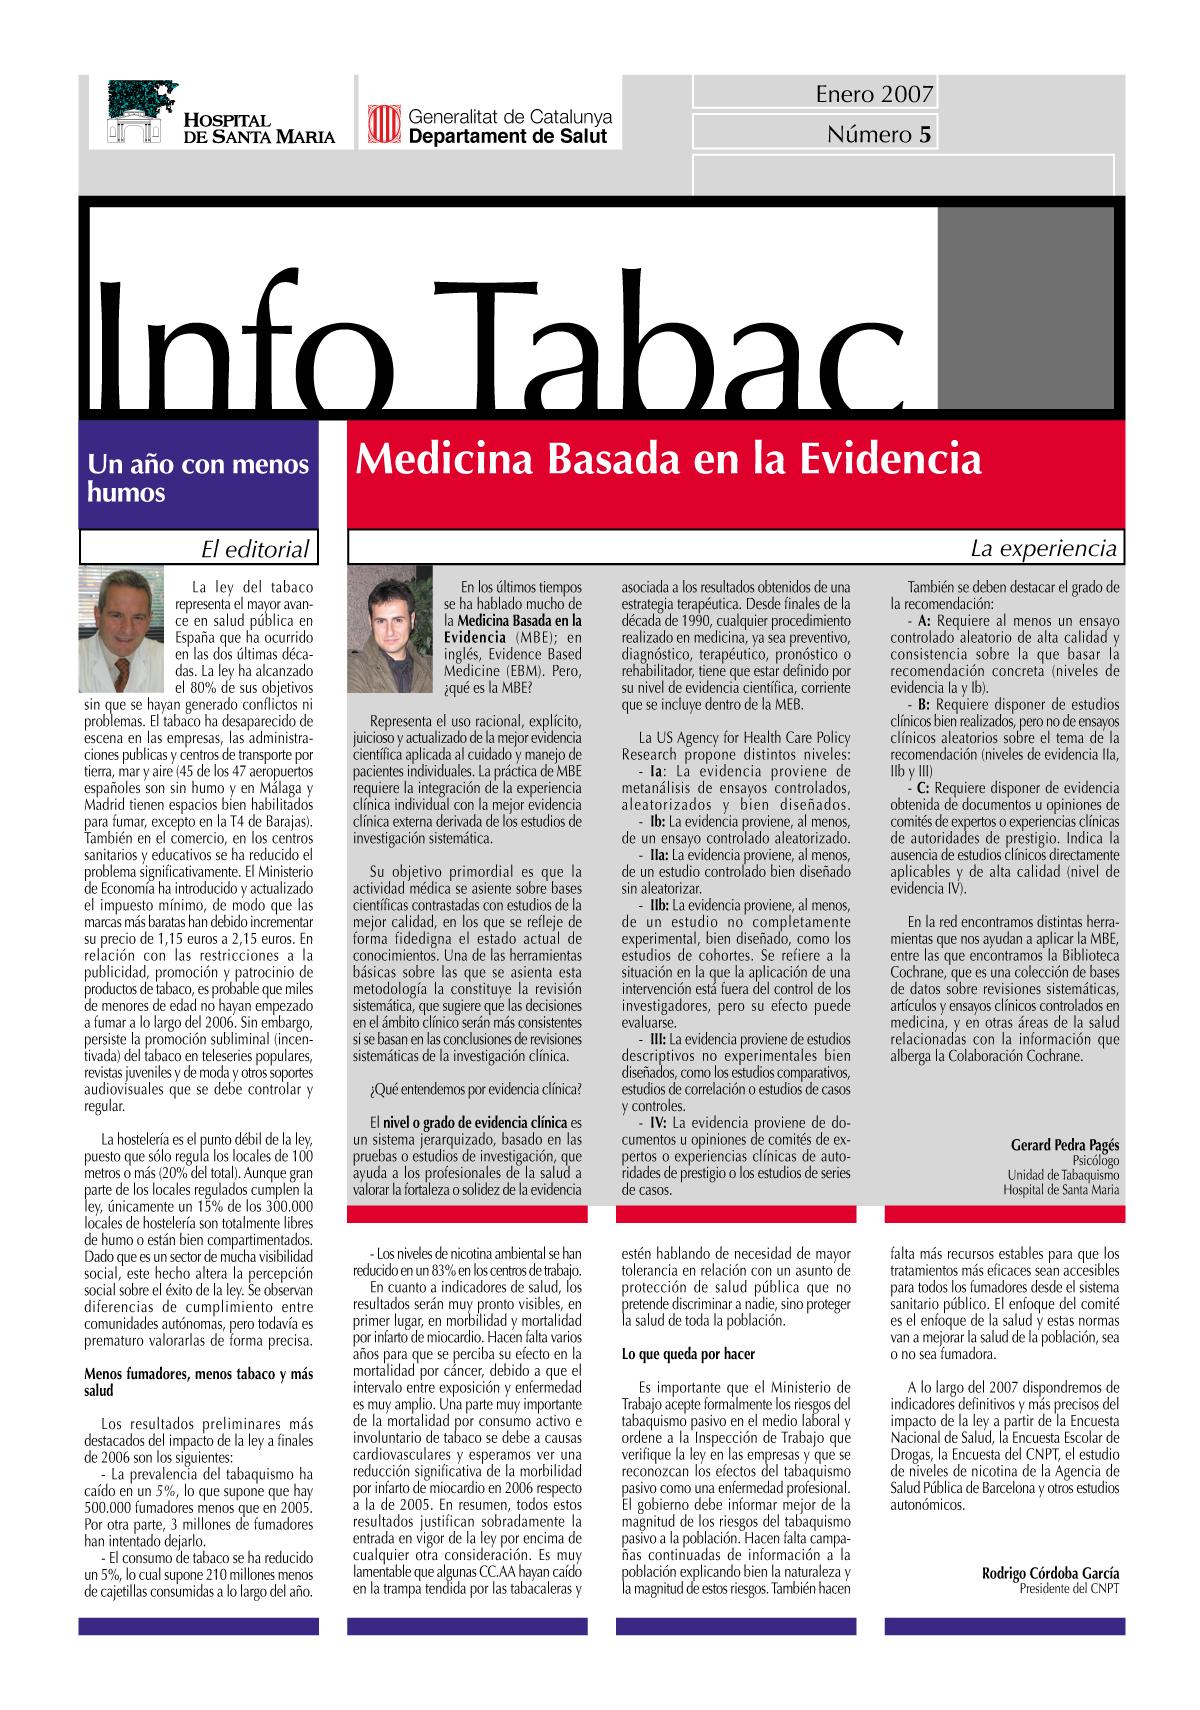 Info Tabac nº5 - Enero 2007